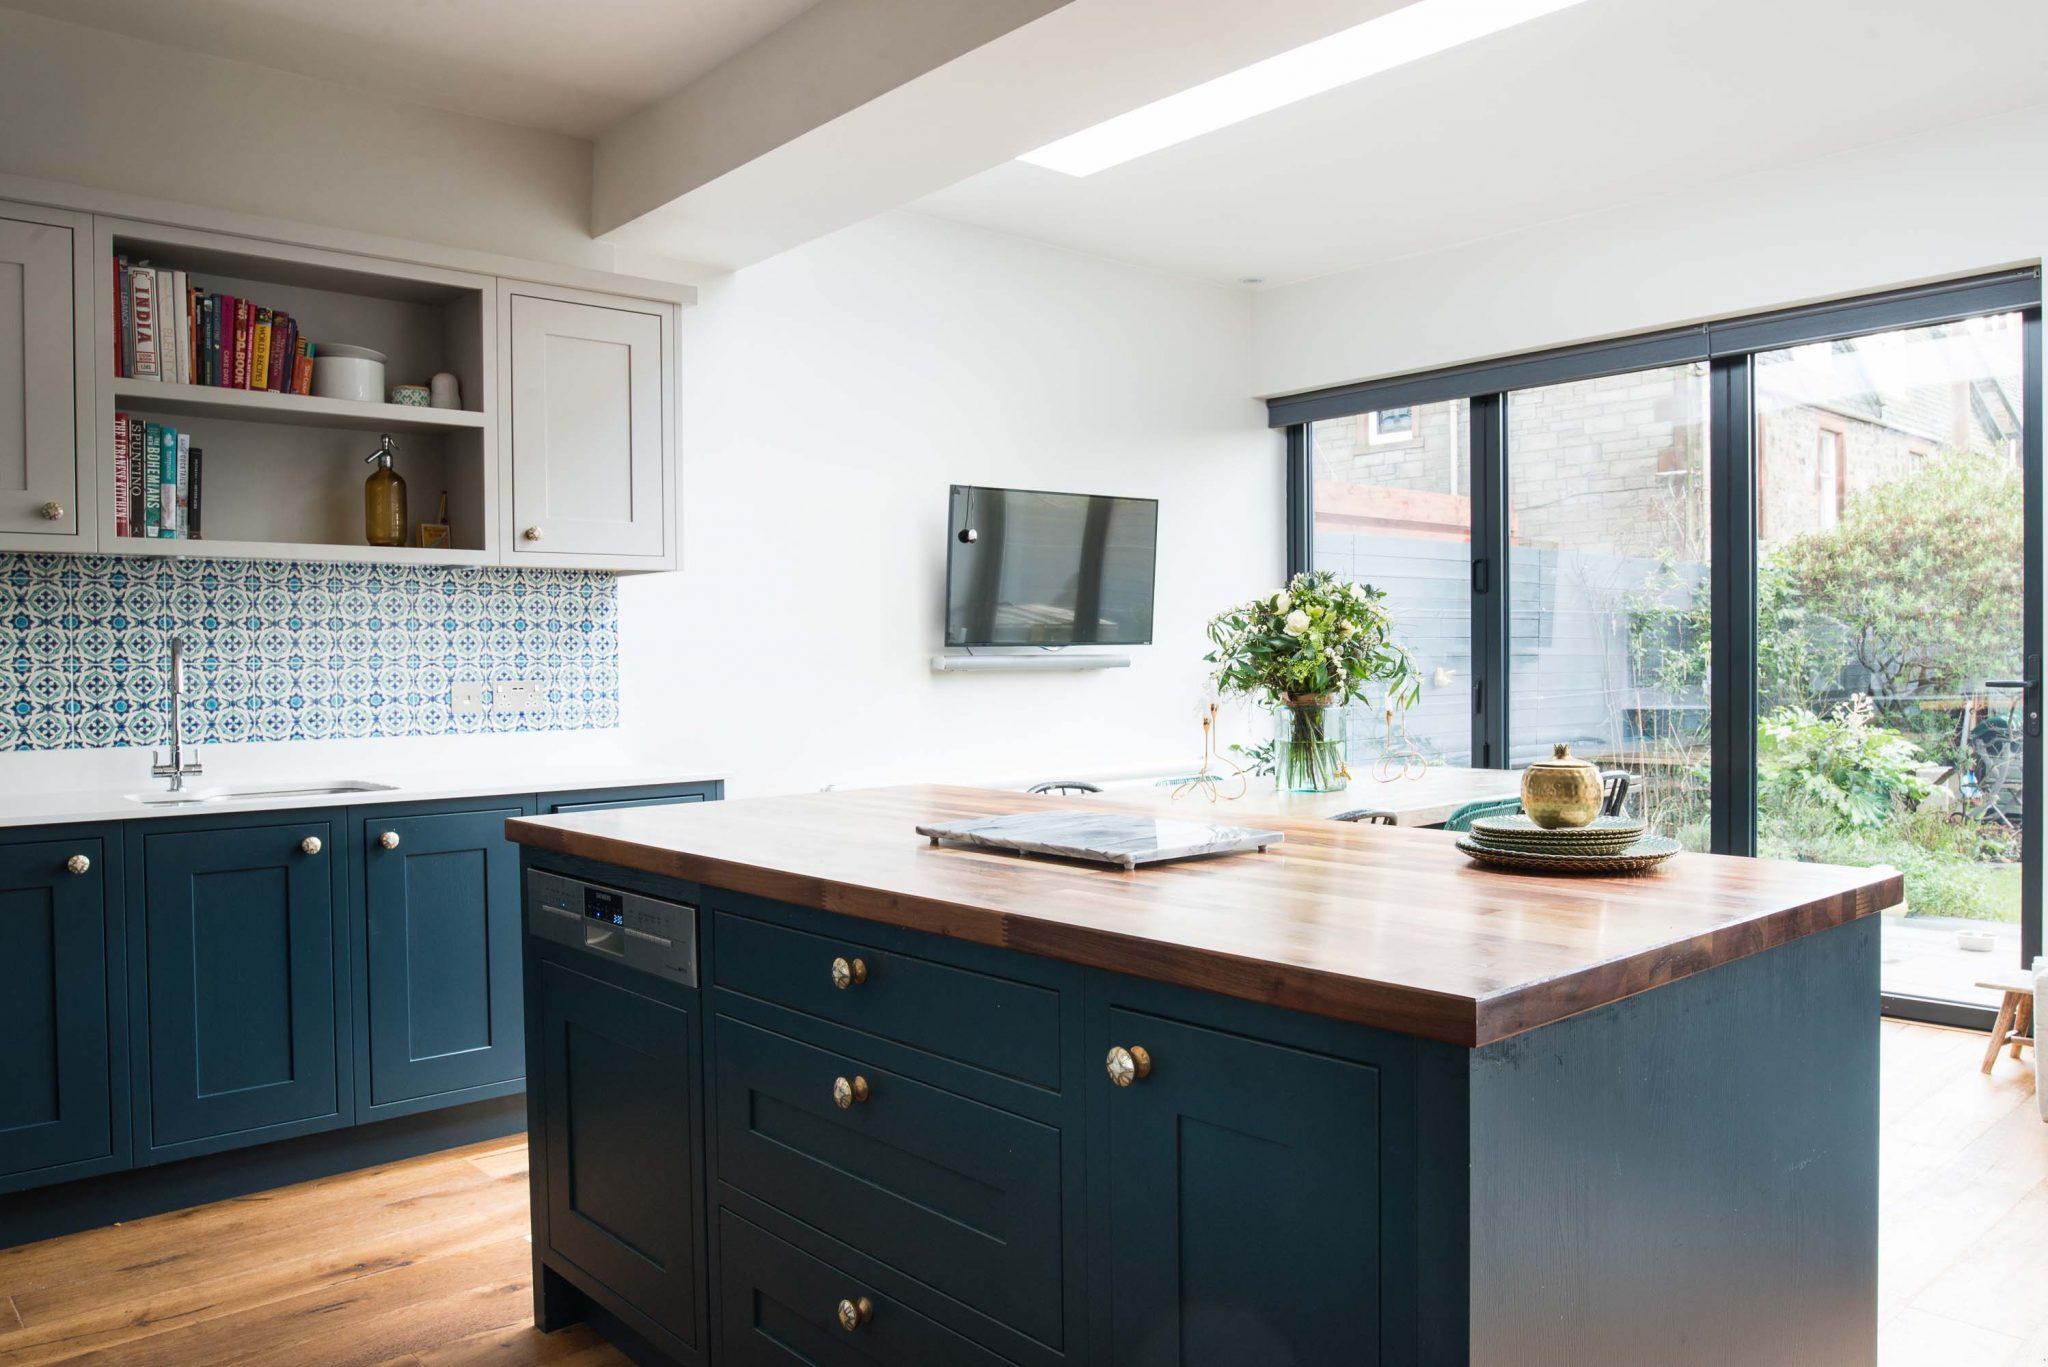 City Kitchen Extension - Interior Designers Edinburgh, Scotland ...